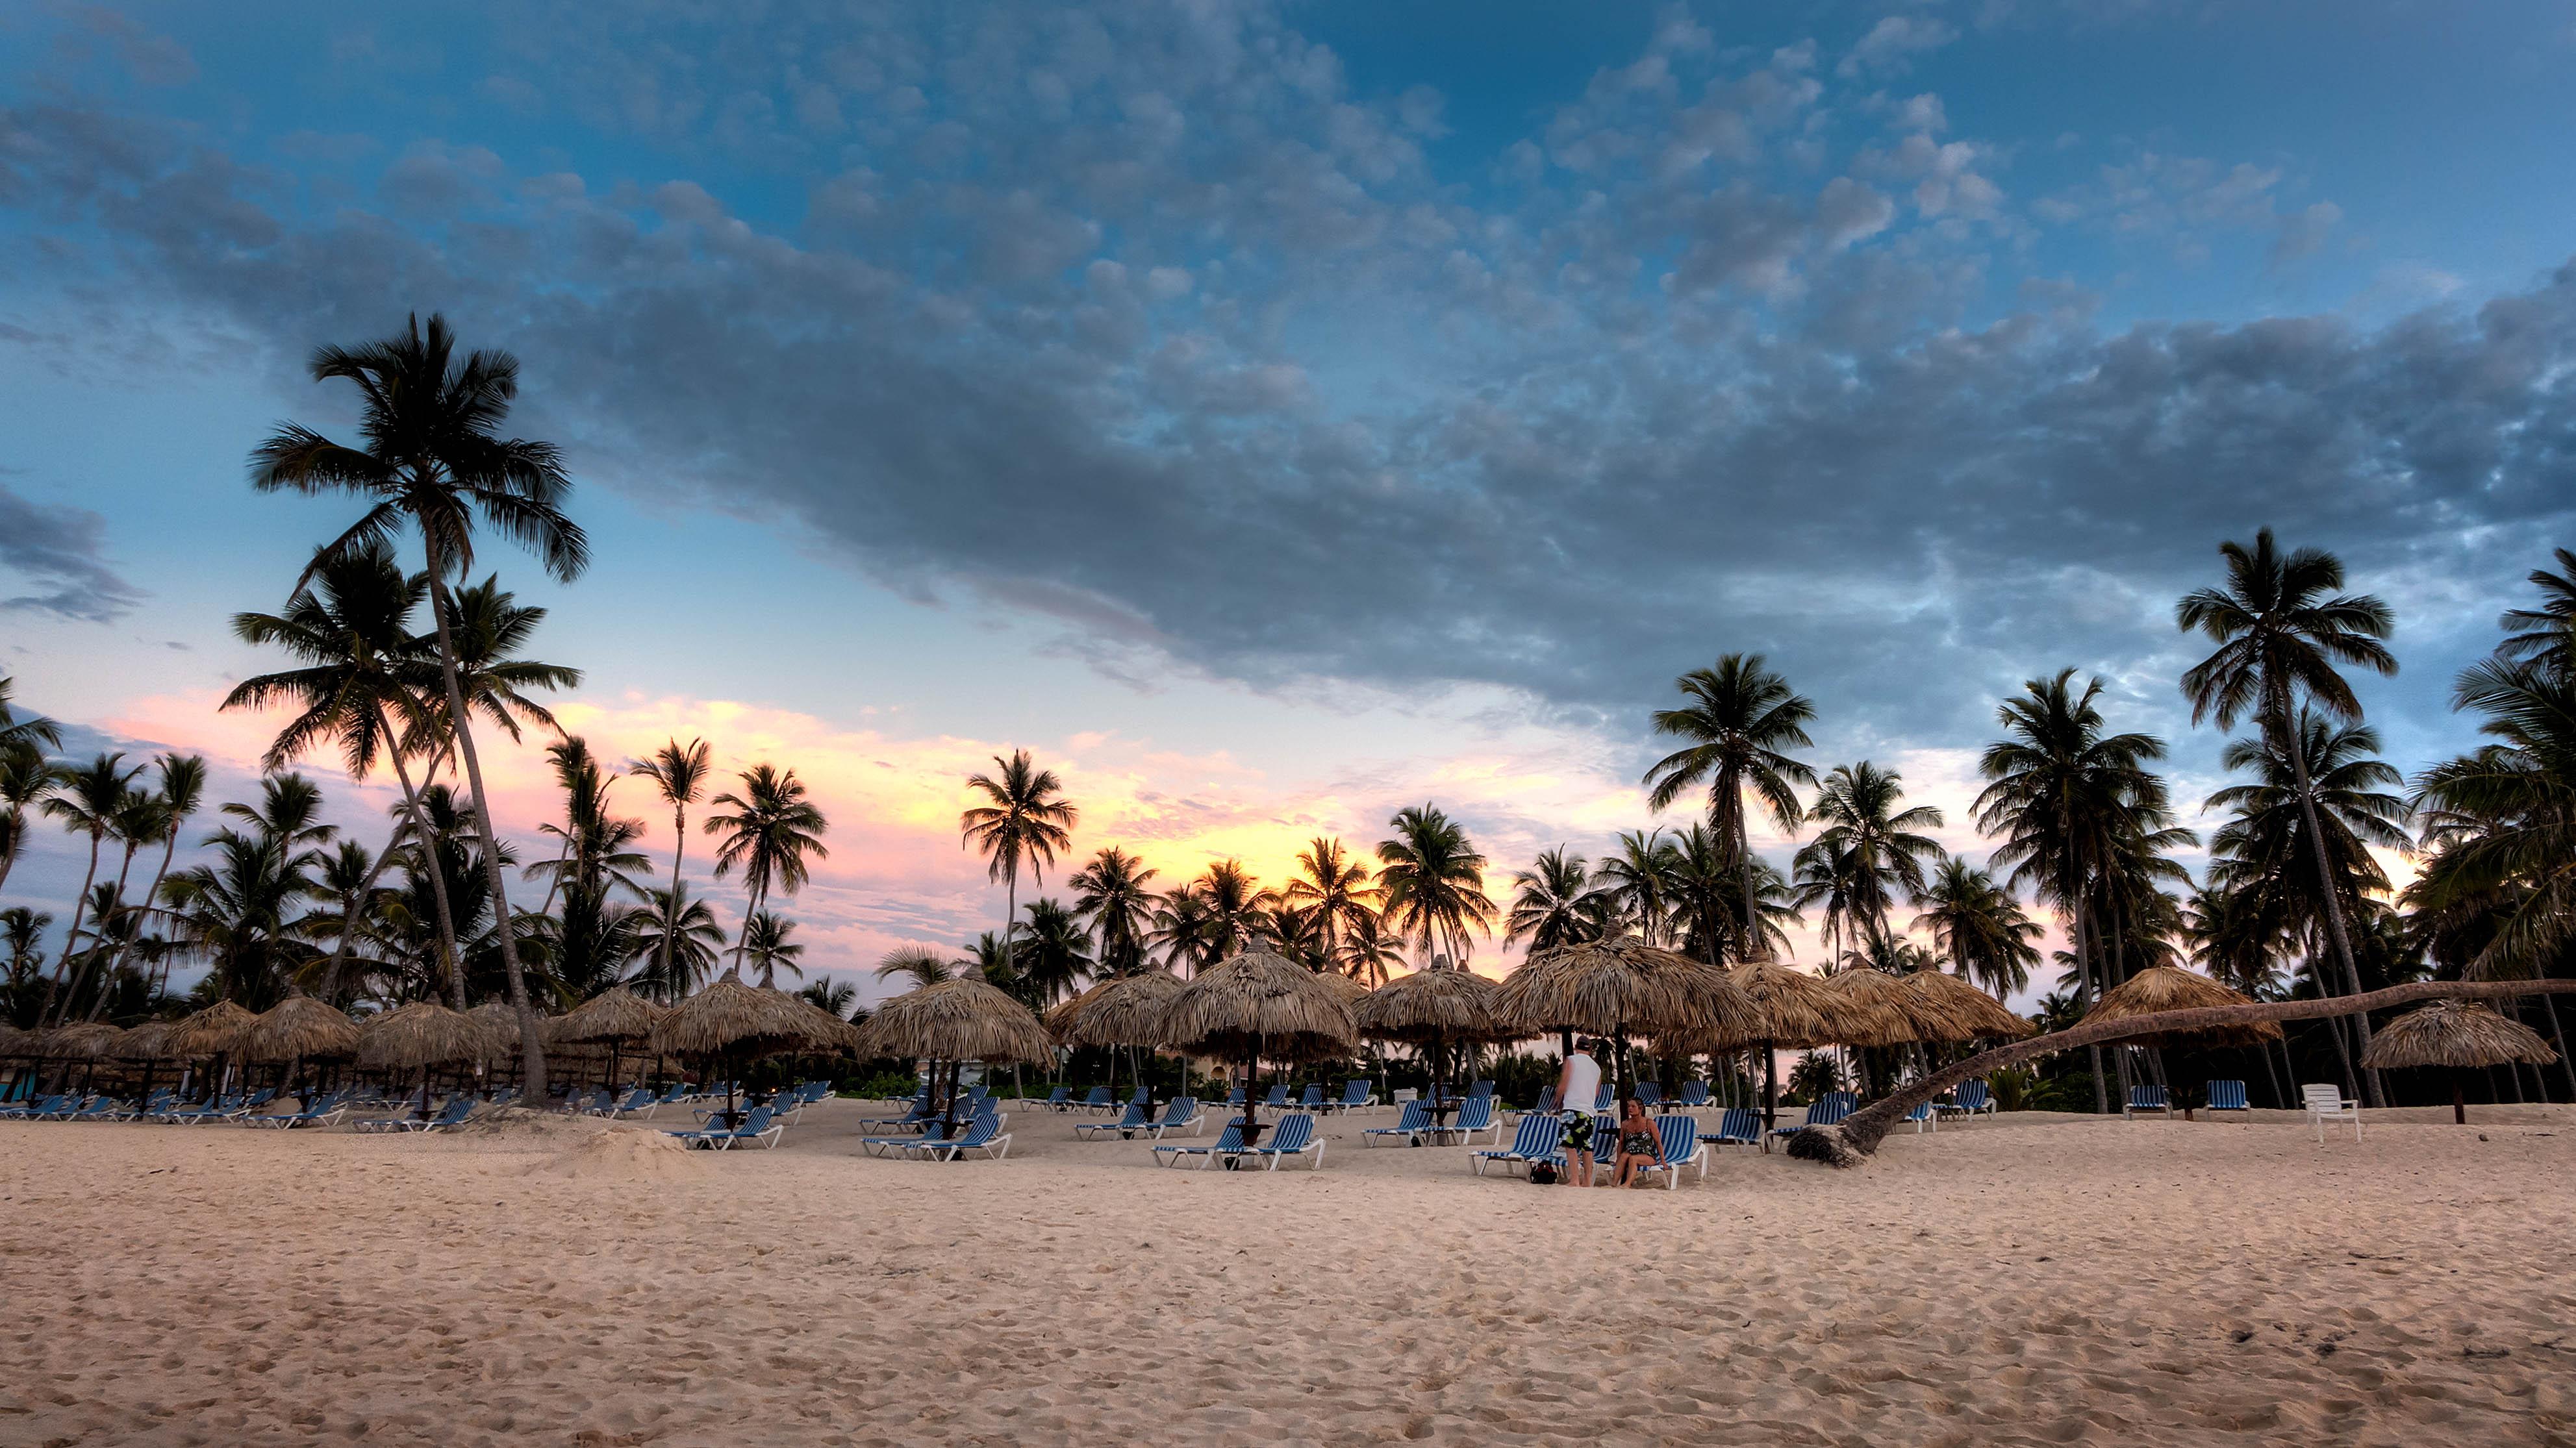 Caribbean Joe Beach Umbrella Reviews